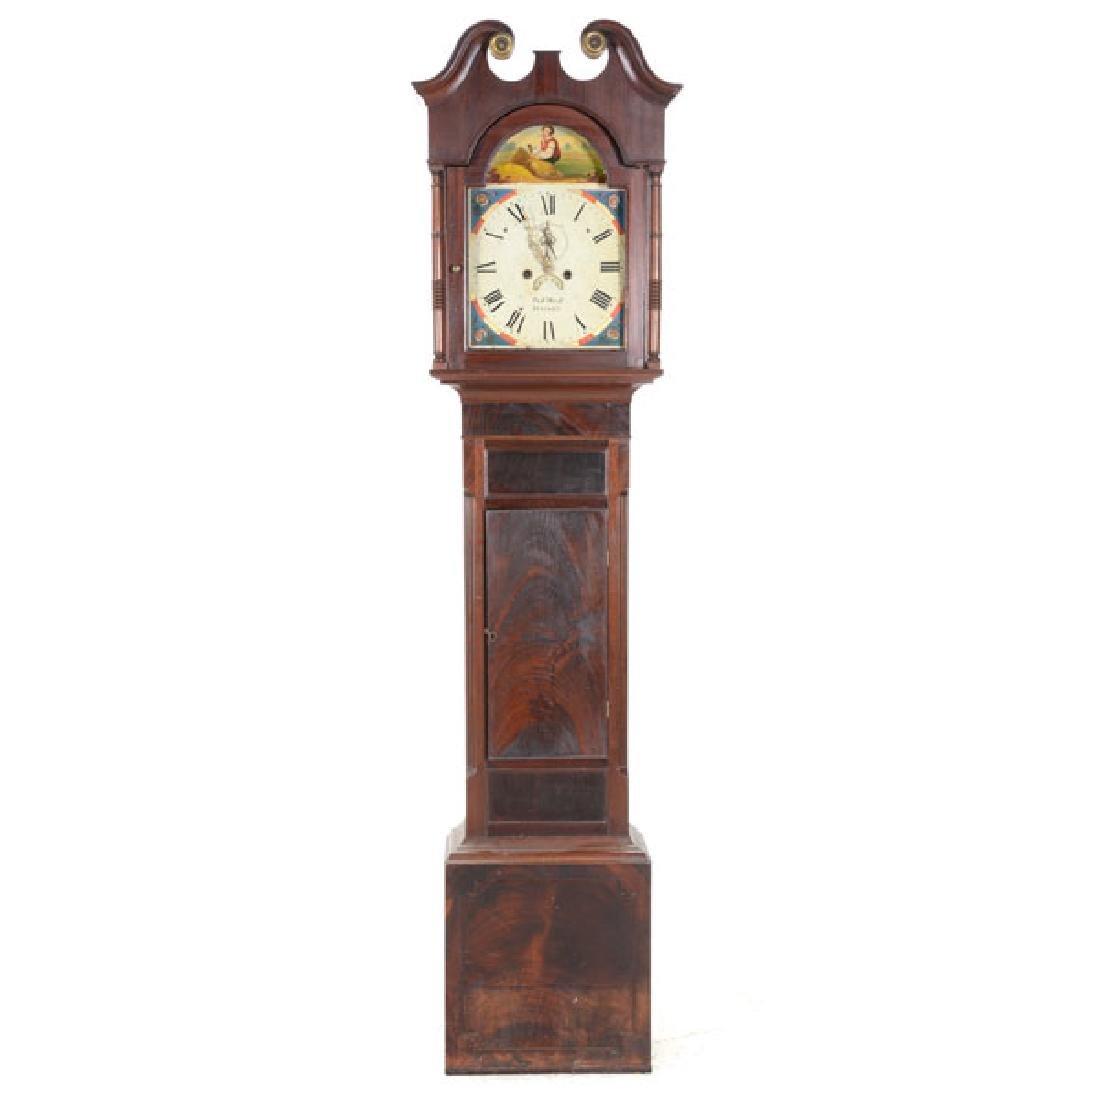 Irish Mahogany Tall Case Clock with Hand Painted Tin